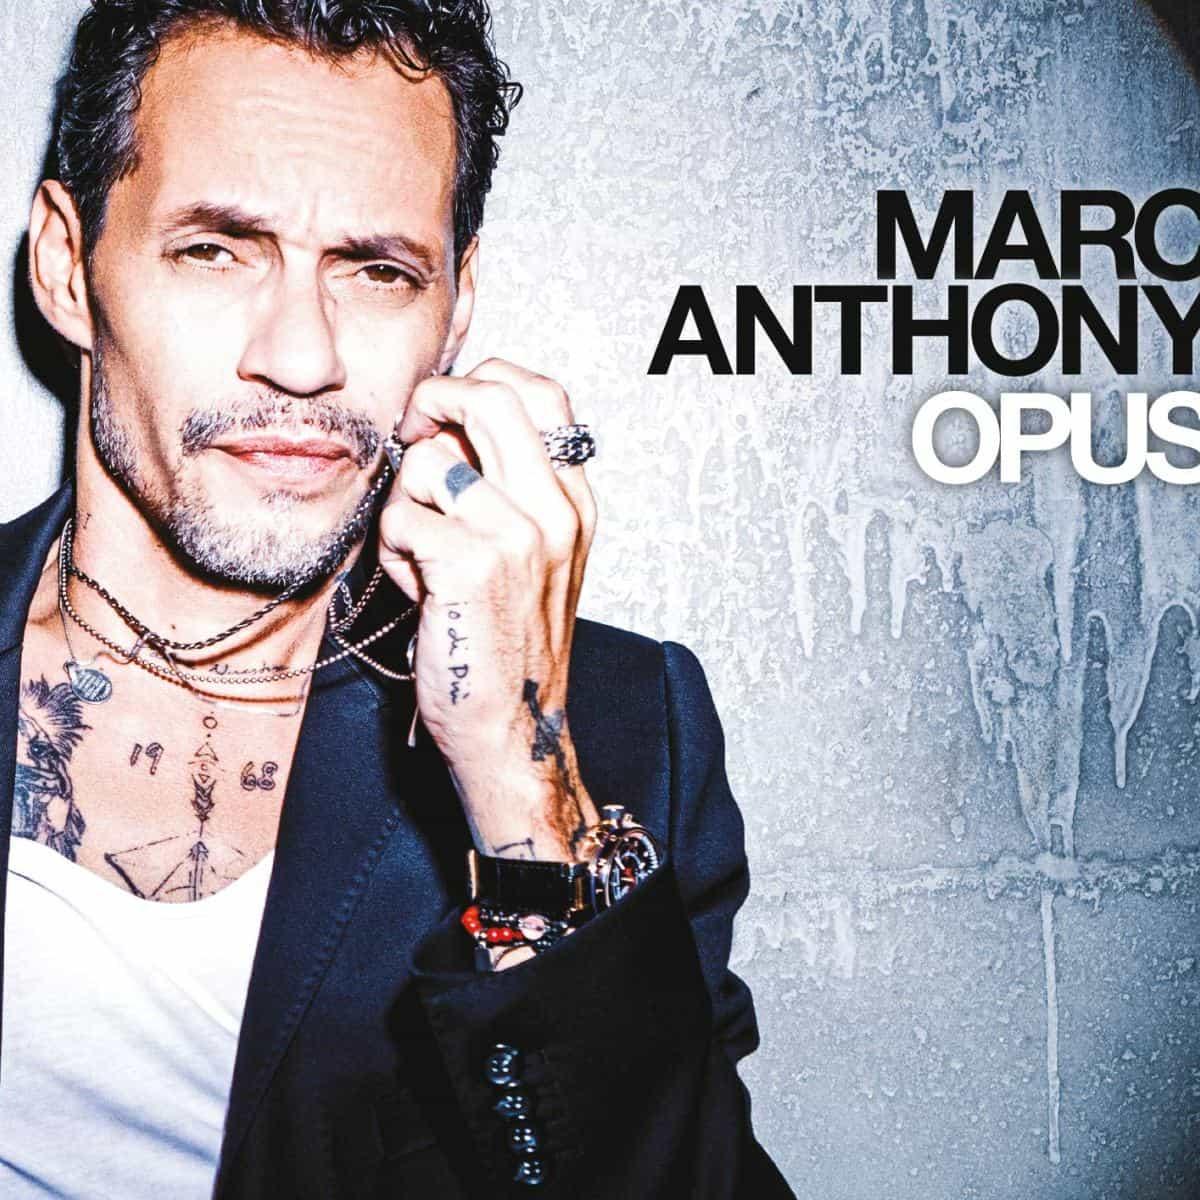 Marc Anthony neue Salsa-CD Opus veröffentlicht